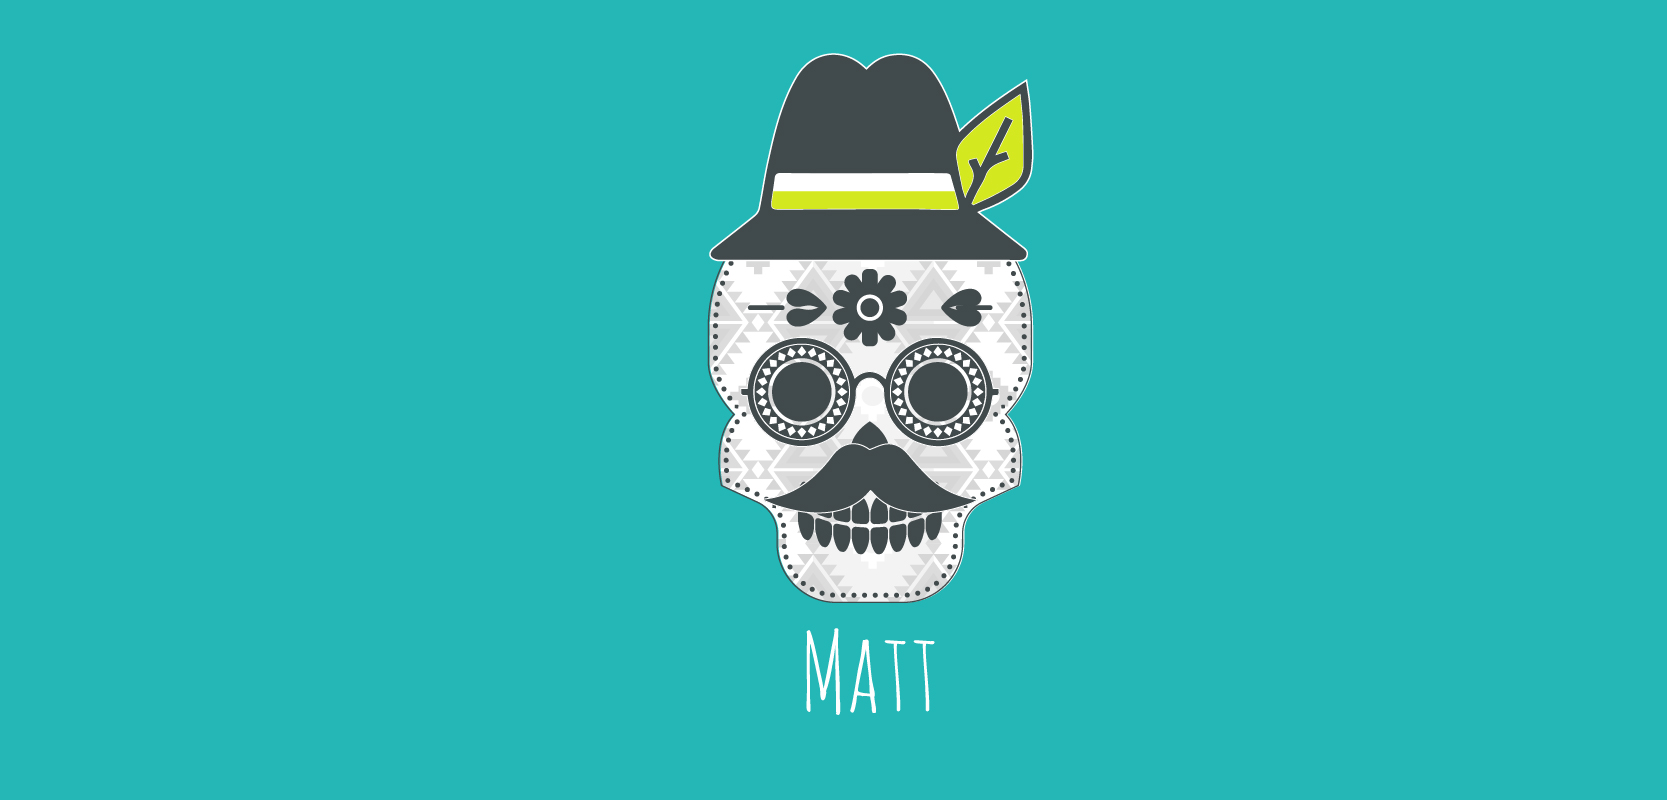 Matty.jpg